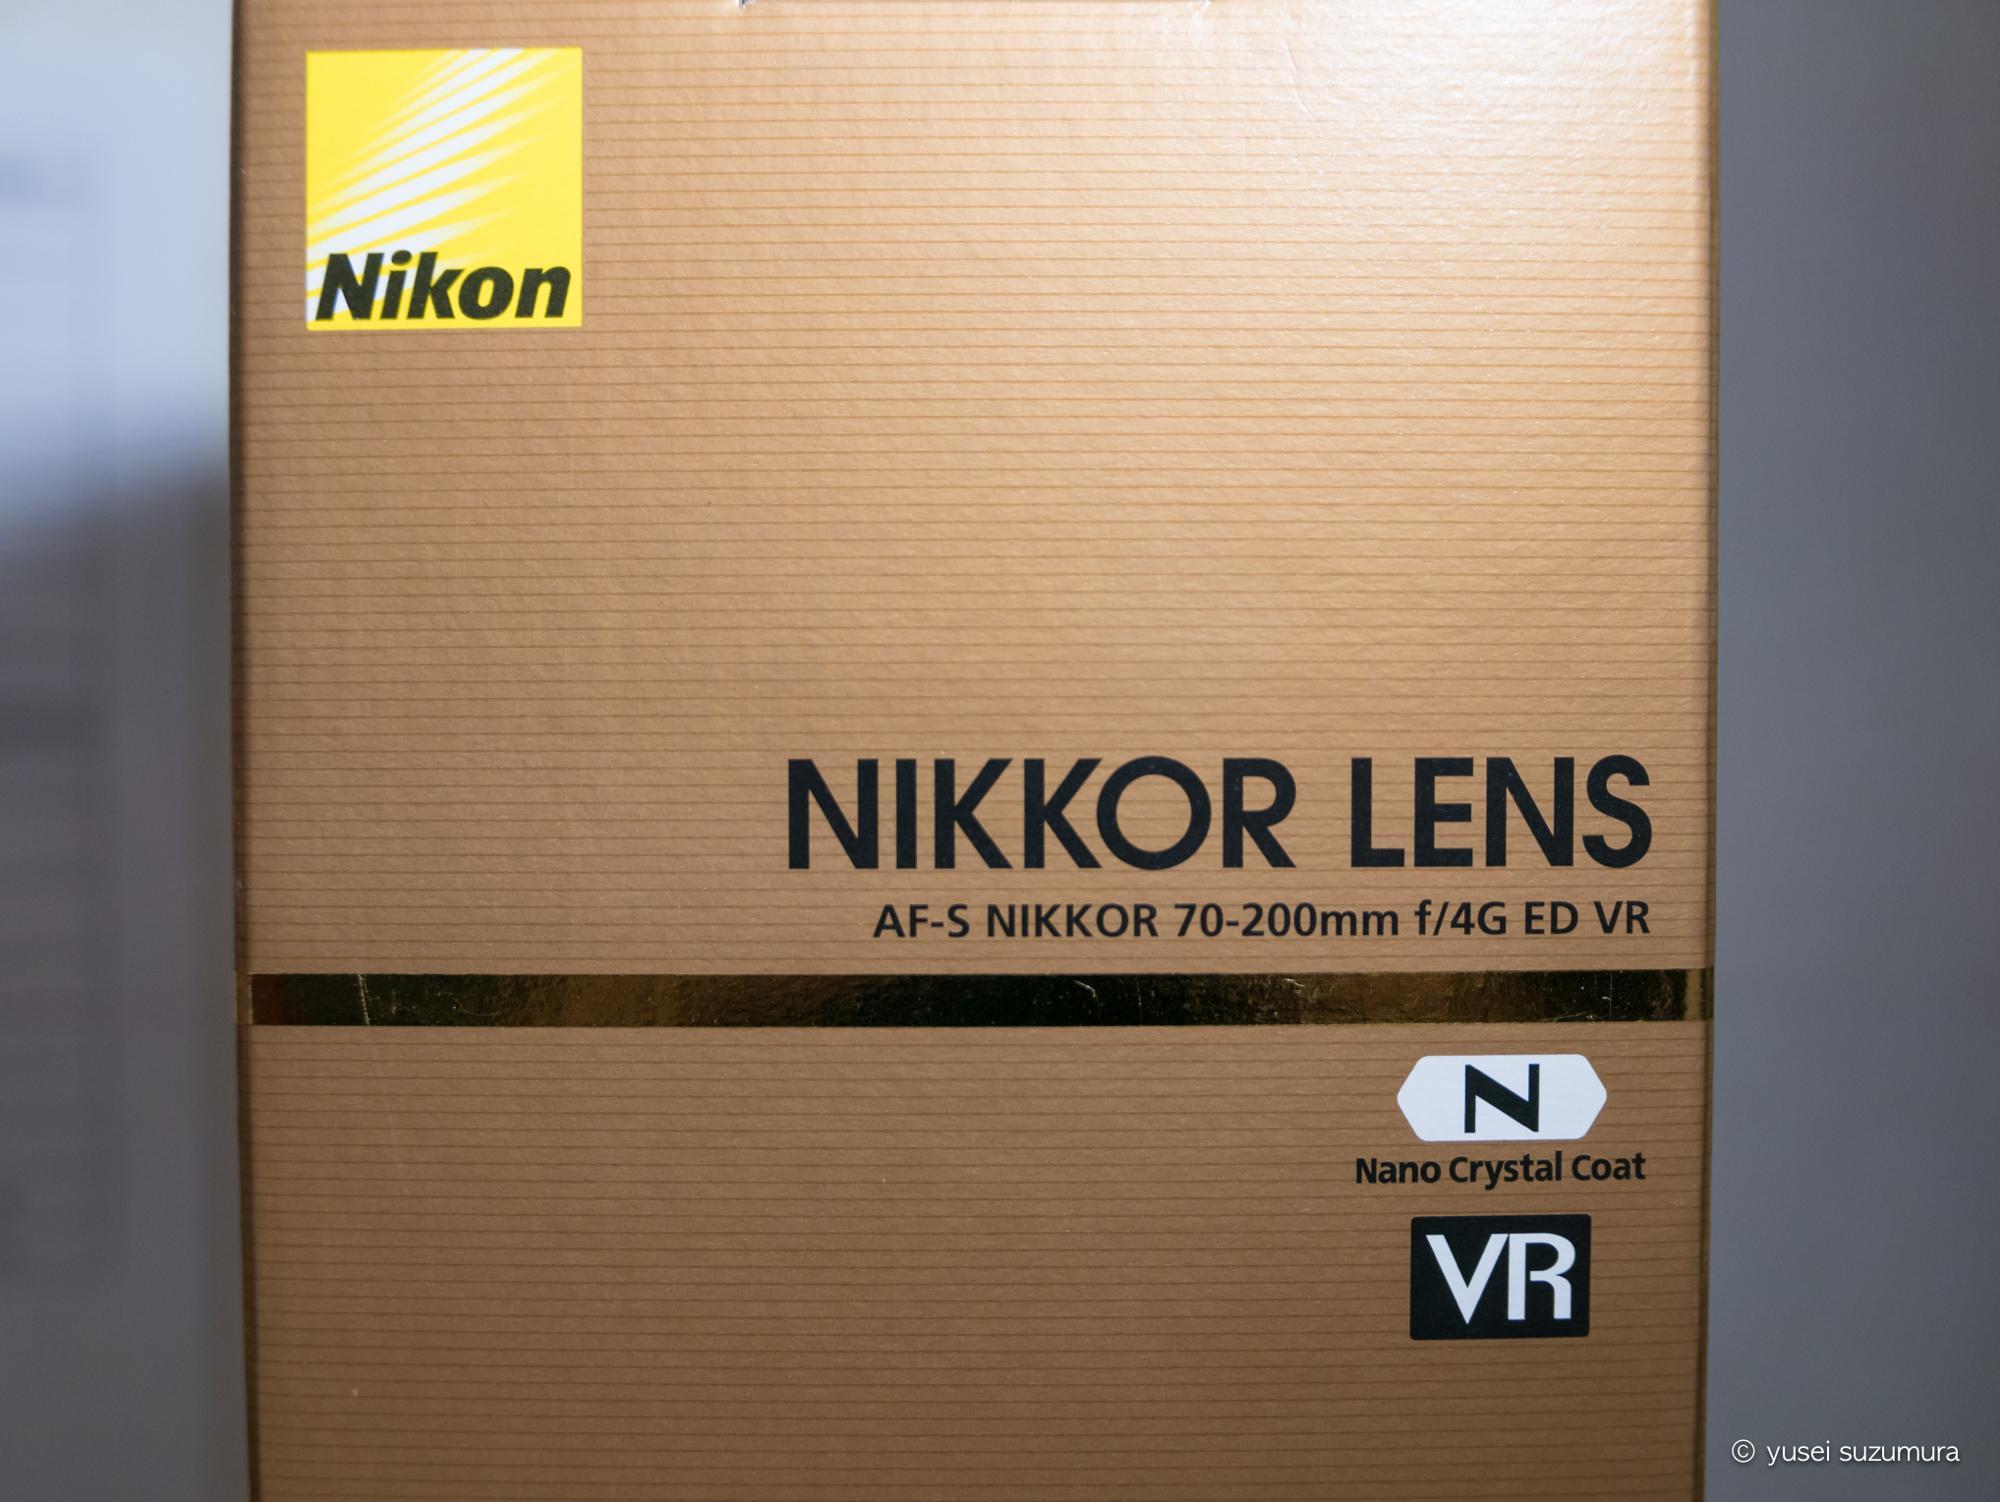 AF-S NIKKOR 70-200mm f/4G ED VR 箱